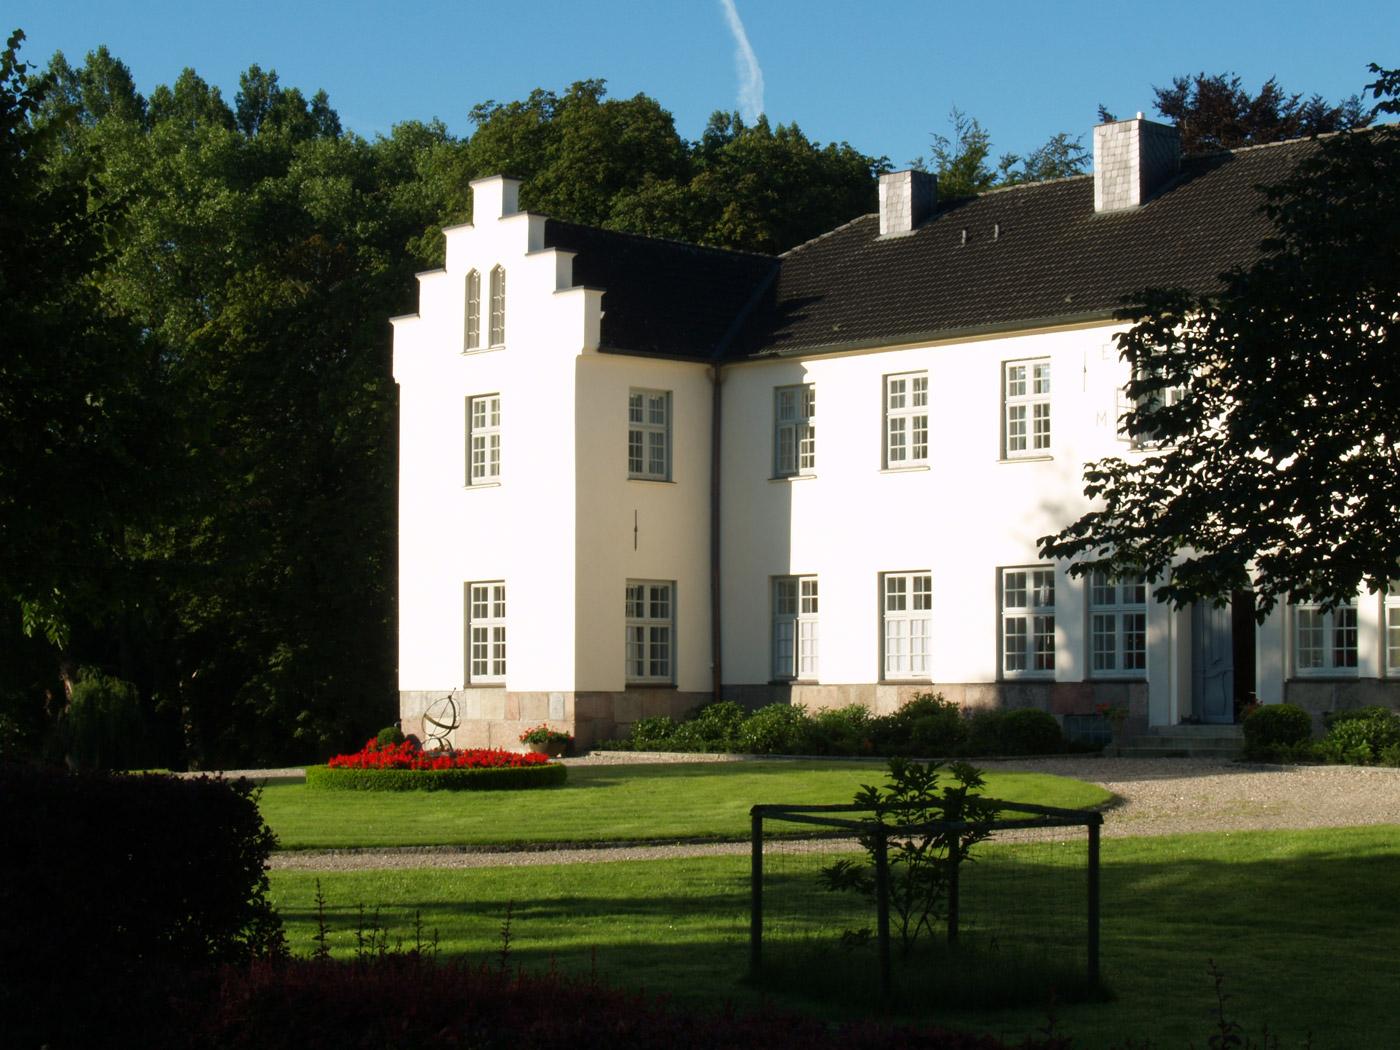 05-04-Umbau-und-Sanierung-Herrenhaus-Gut-Siggen-(4)